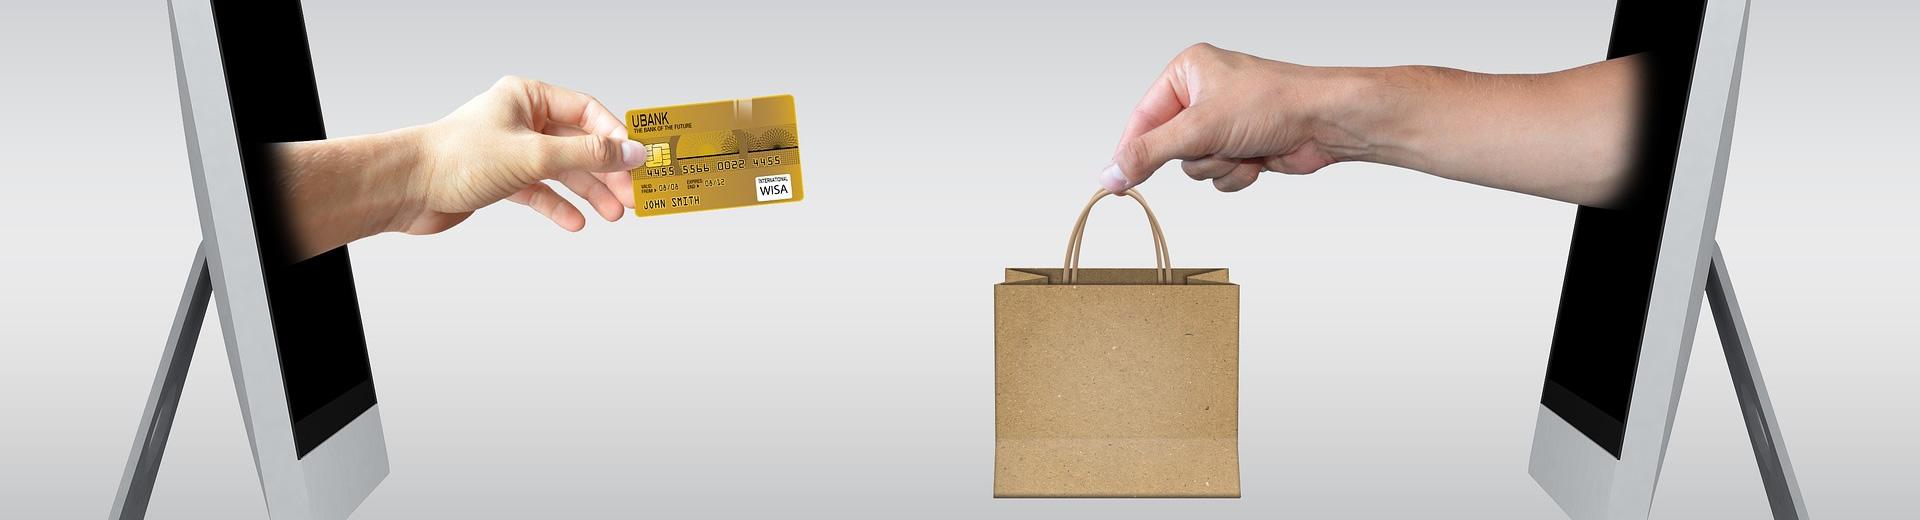 eCommerce Einkaufen Online